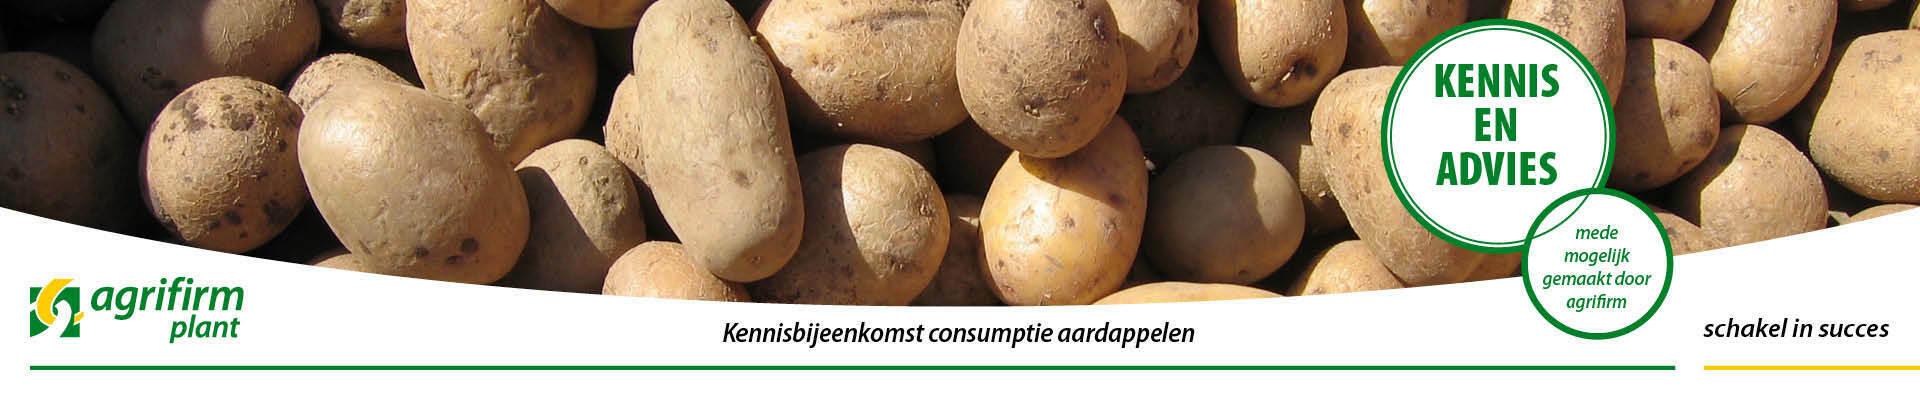 Kennisbijeenkomst Consumptie Aardappelen in Lelystad